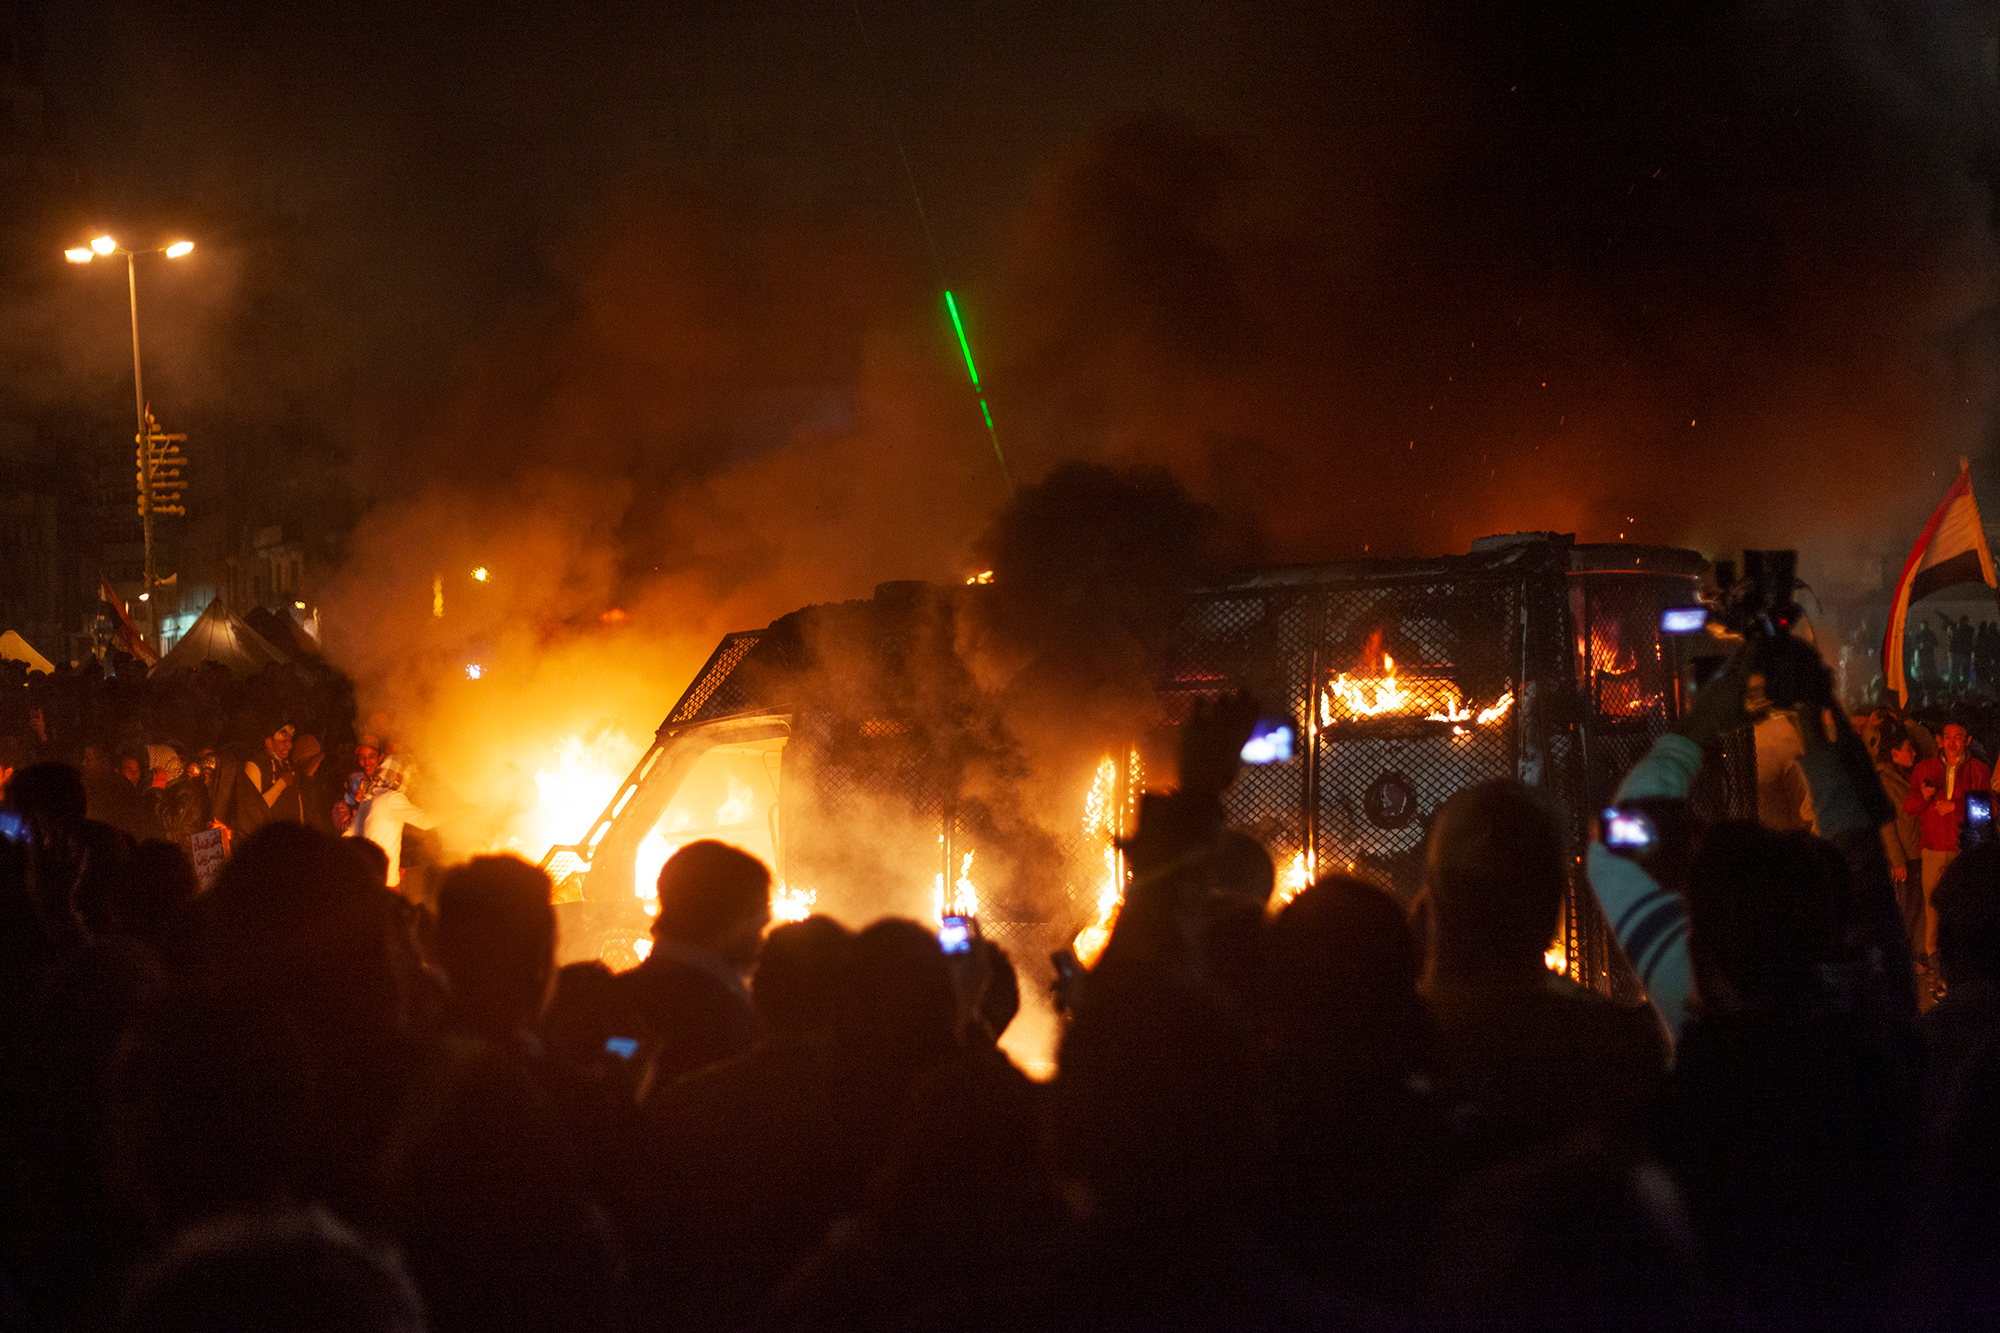 """Manifestantes ateando fogo em veículo da polícia egípcia durante manifestação na Praça Tahrir do segundo aniversário da Revolução Egípcia, em 28 de janeiro de 2013. Nessa data simbólica, os manifestantes protestavam efusivamente contra Mohamed Morsi, da Irmandade Muçulmana, presidente eleito no ano anterior. A intensidade da manifestação lembrou o revolucionário Ahmed Hassan das primeiras manifestações da Revolução Egípcia, lá em 2011, em que """"a primeira coisa que as milhões de pessoas que foram às ruas fizeram foi atear fogo nas delegacias, porque a polícia não nos tratava com dignidade""""."""